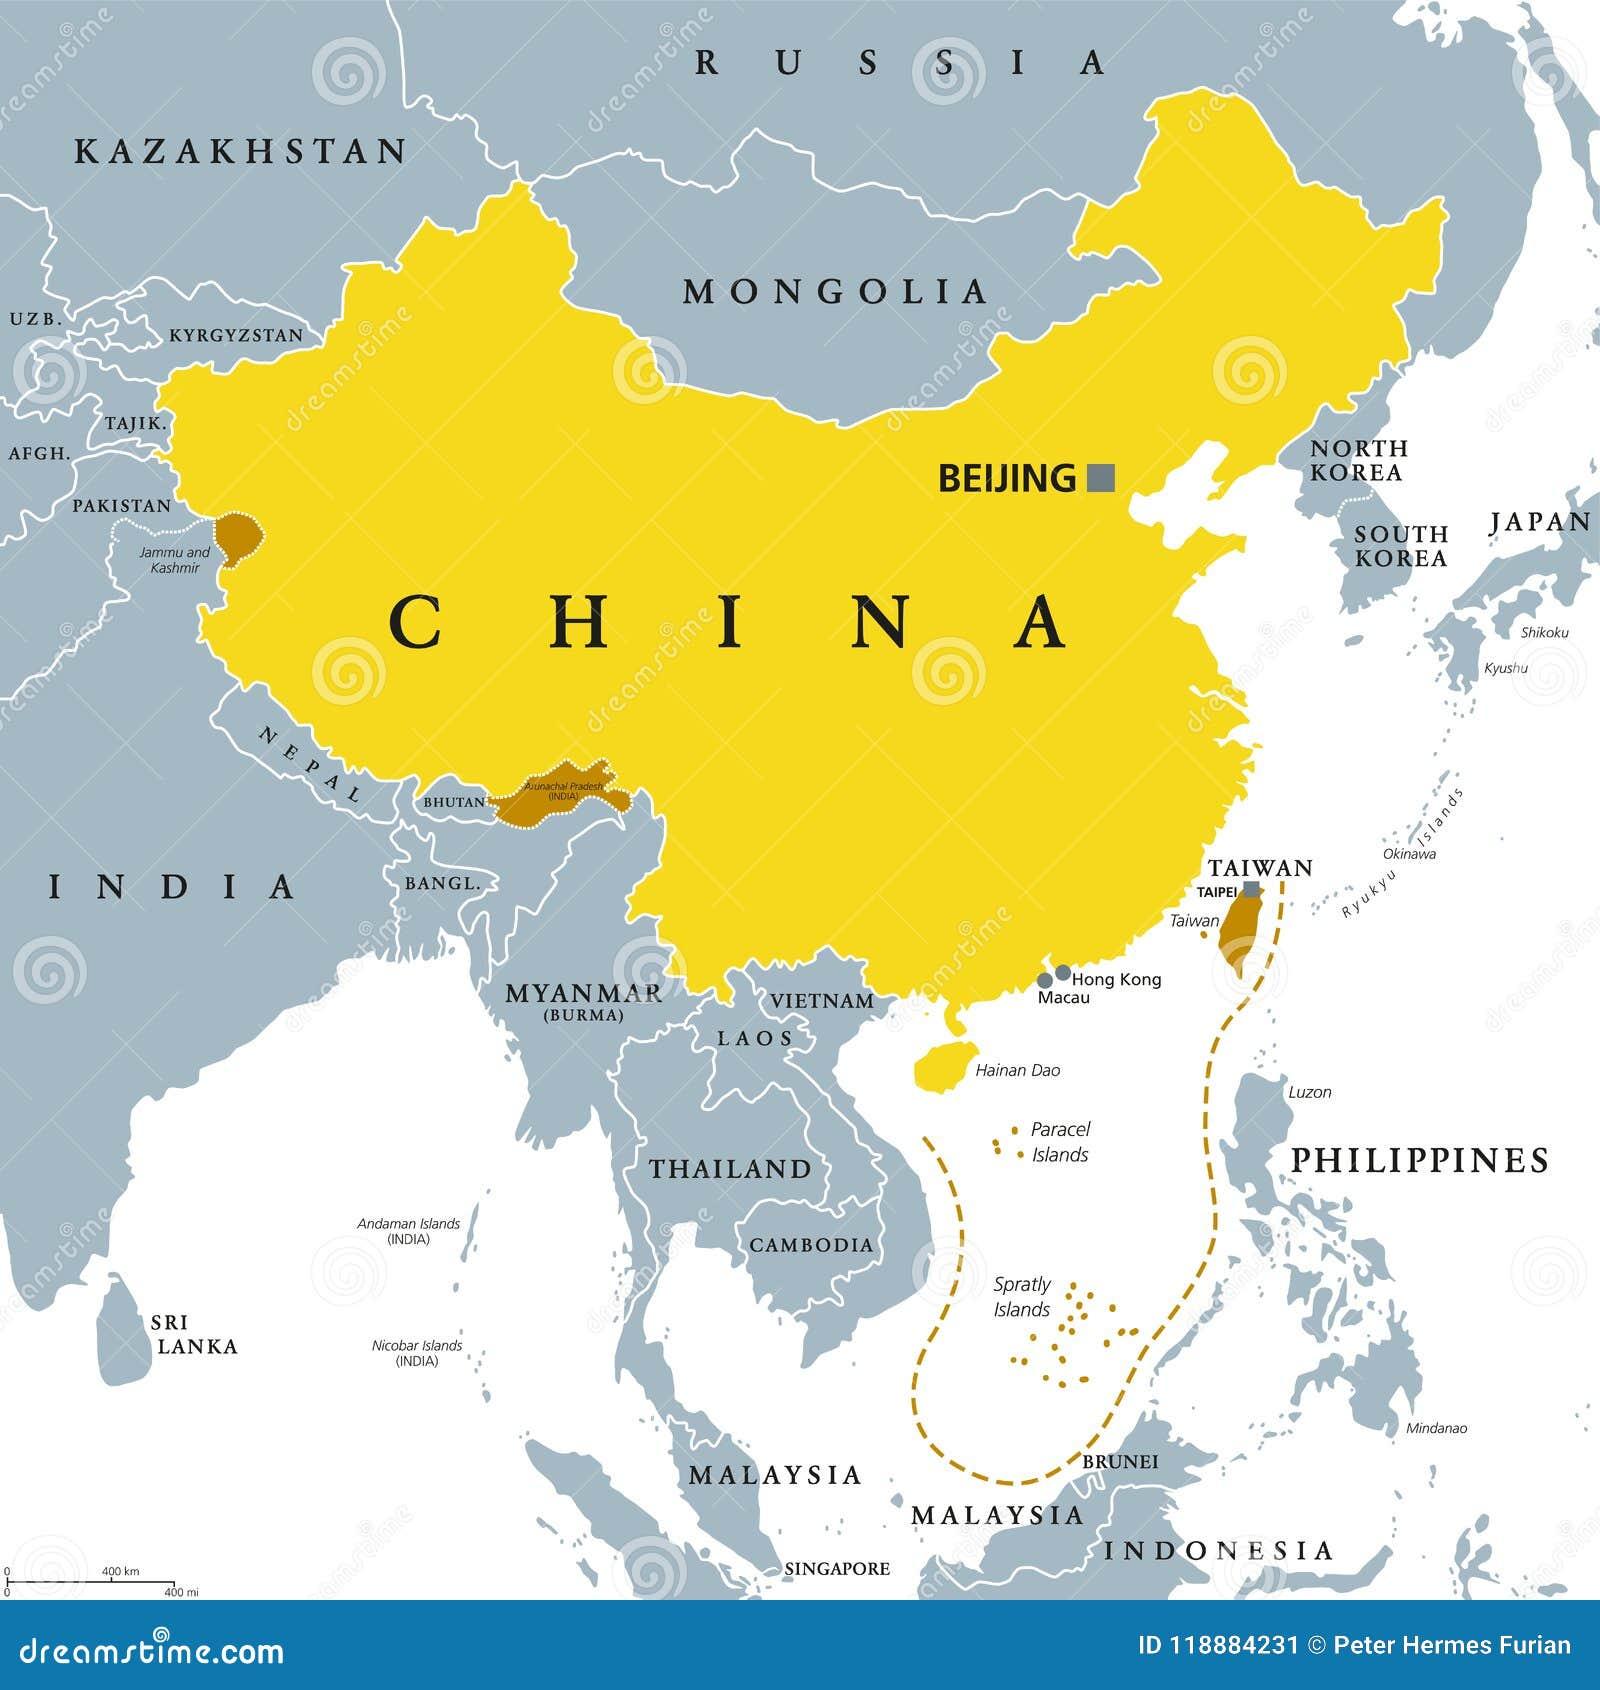 共和国 中華 人民